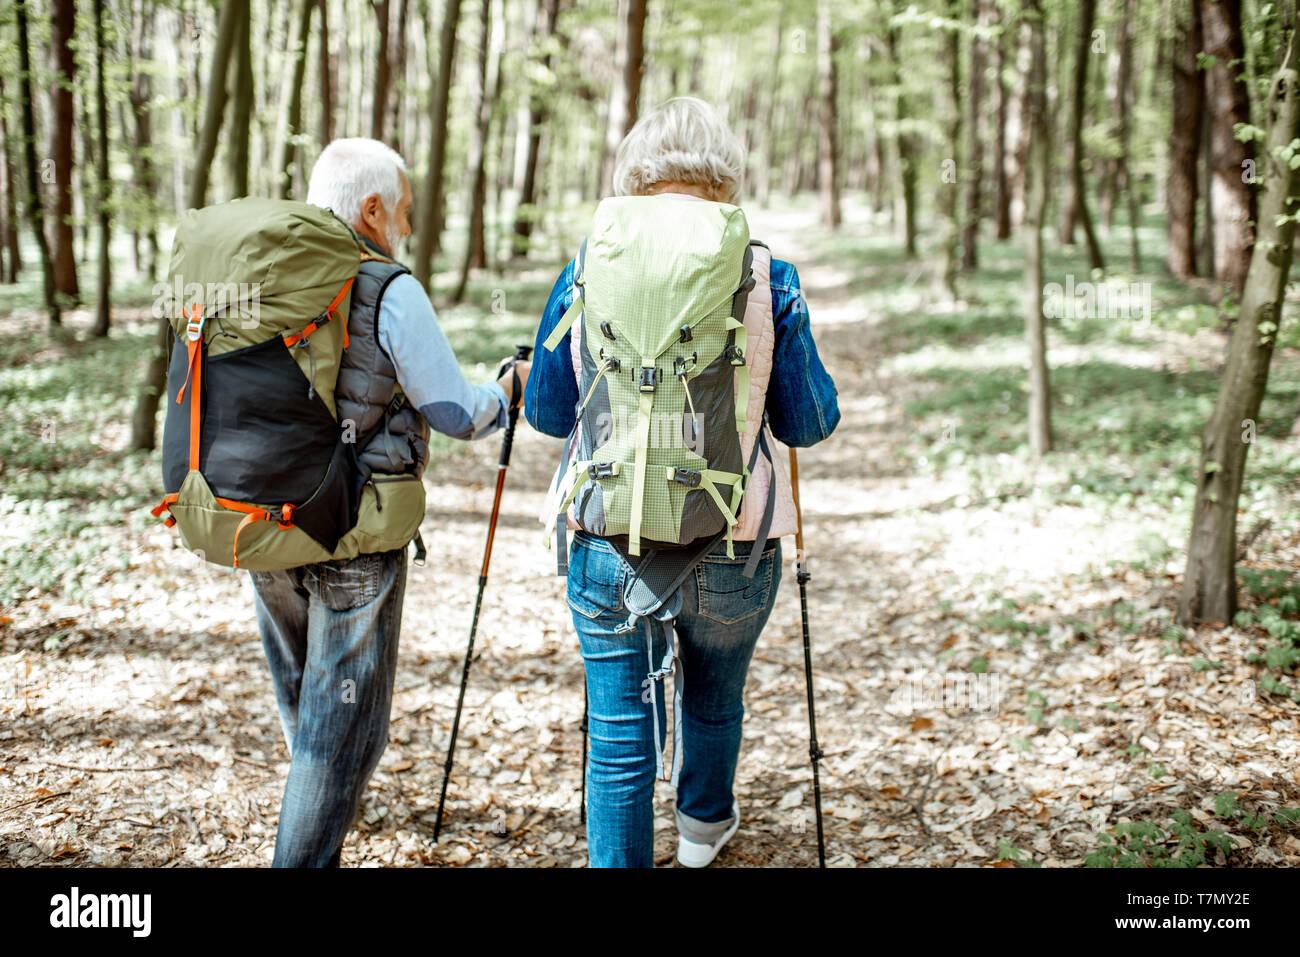 Las parejas ancianas caminatas con mochilas y bastones de trekking en la selva, vista posterior. Concepto de un estilo de vida activo sobre jubilación Foto de stock